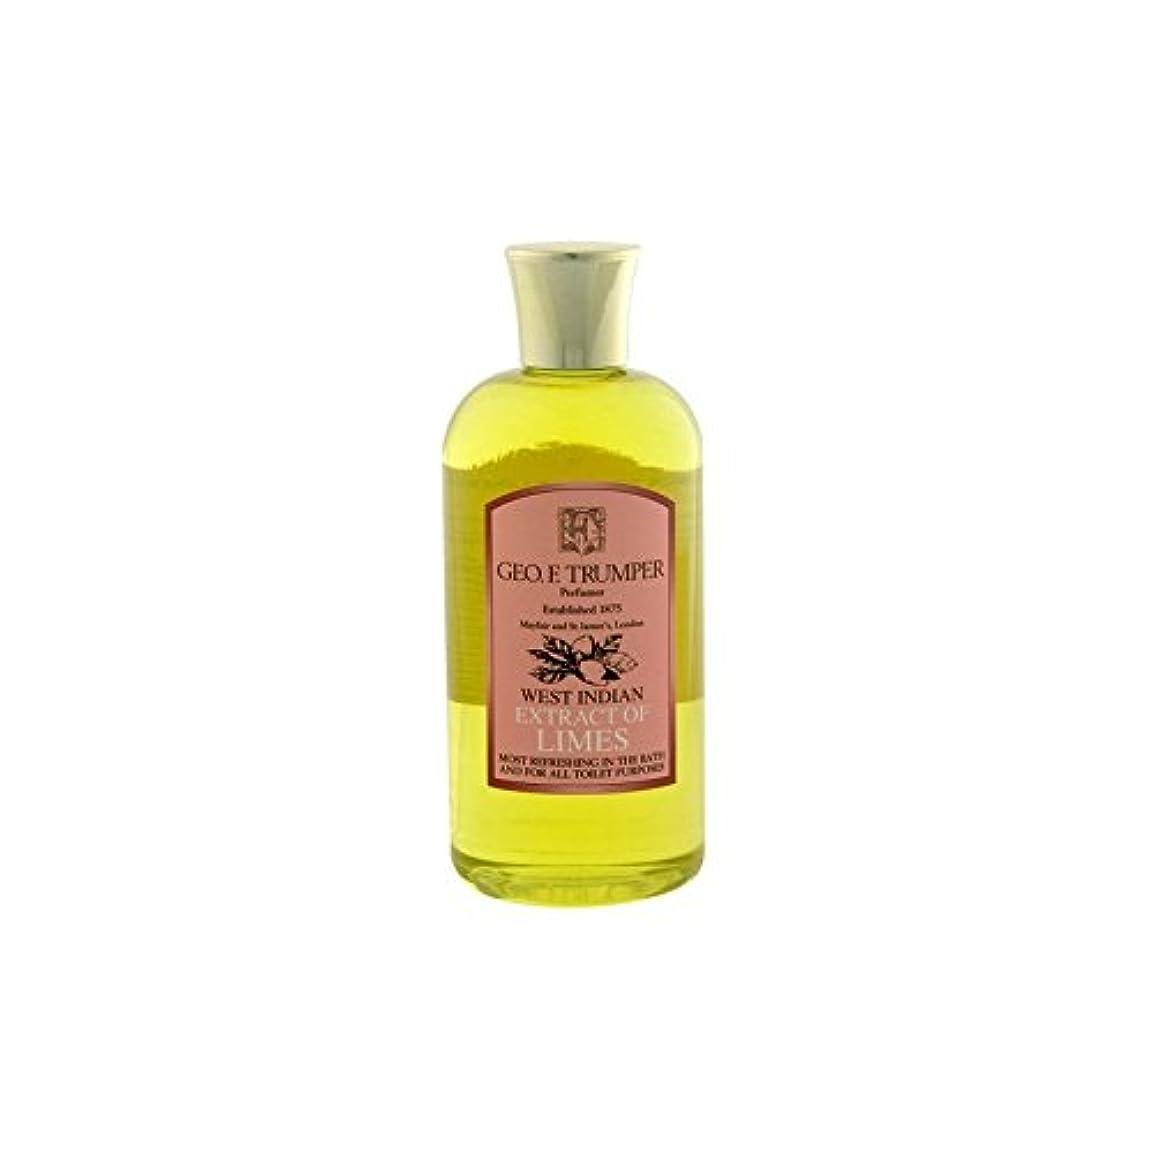 機動帝国主義ミケランジェロTrumpers Limes Bath & Shower Gel - 500ml Travel - ライムのバス&シャワージェル - 500ミリリットル旅 [並行輸入品]